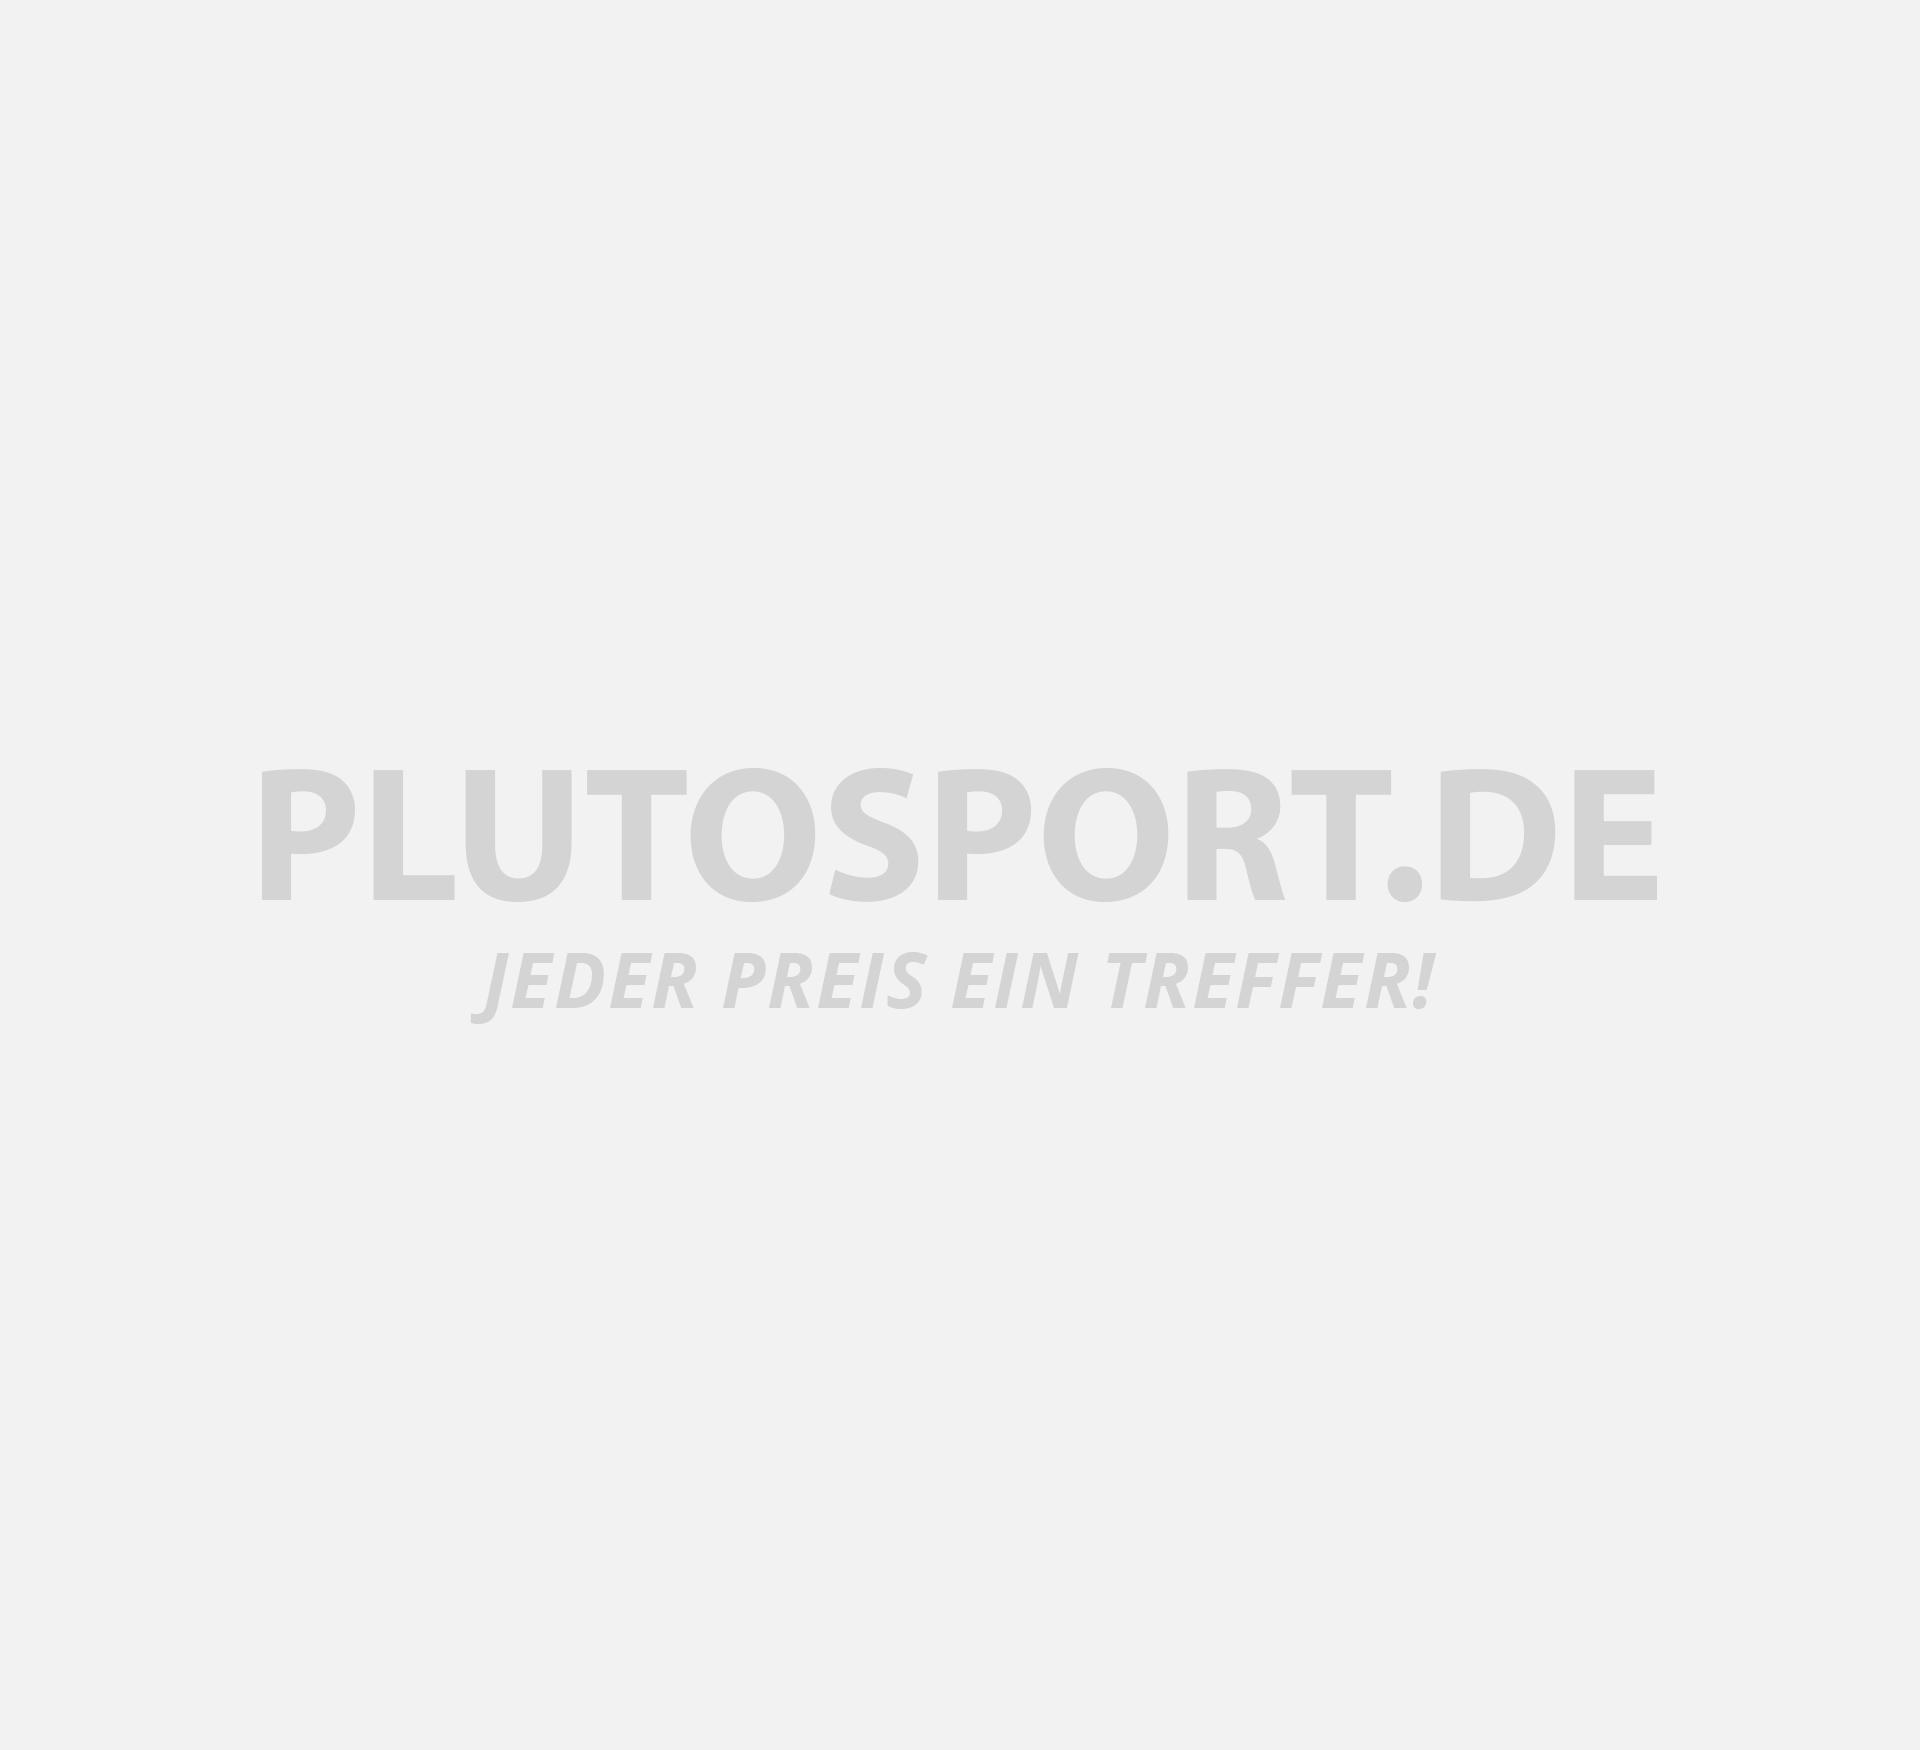 Reusch Attrakt Freegel S1 Torwarthandschuhe Kinder